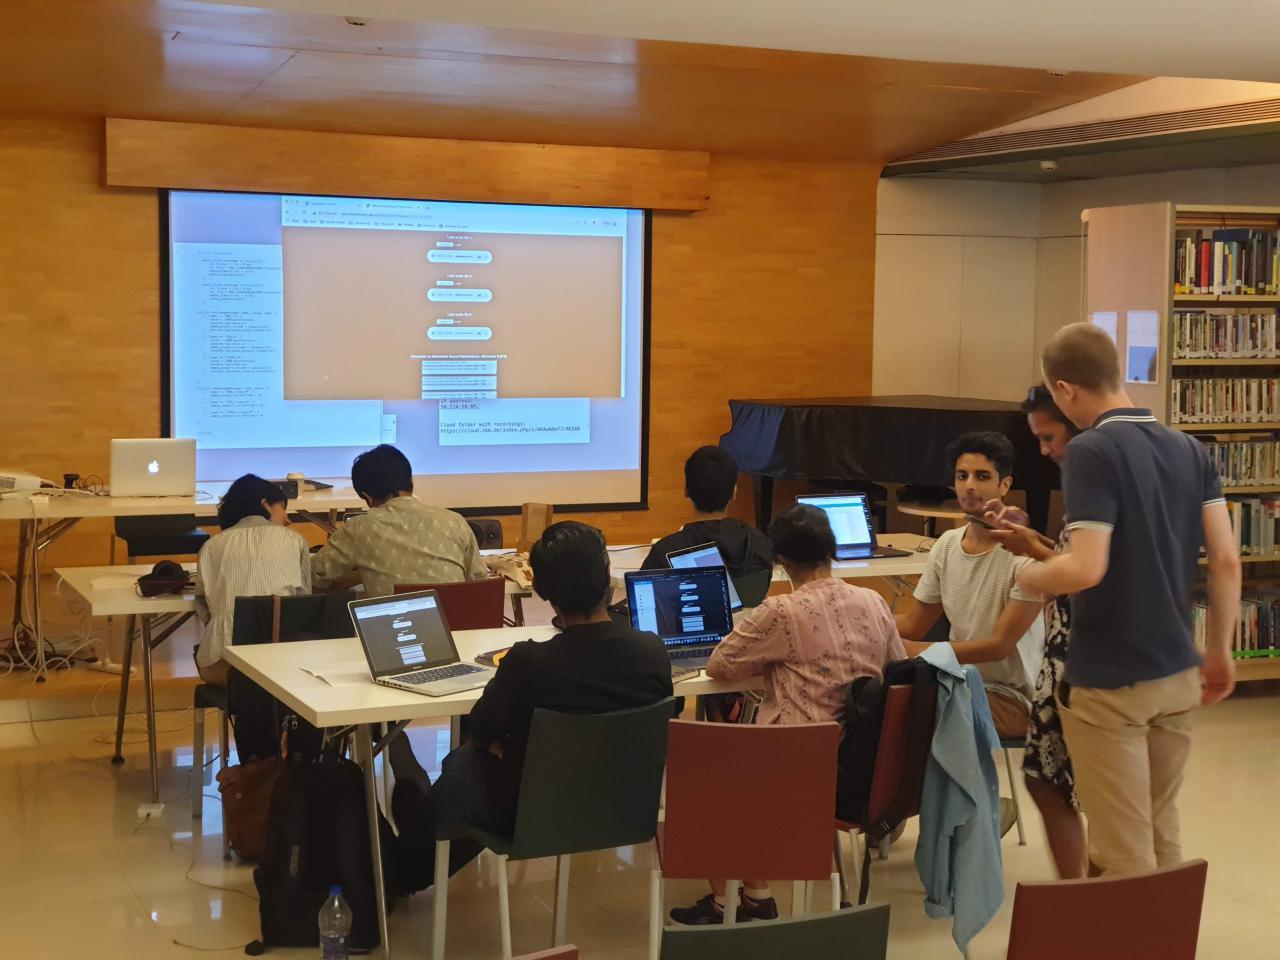 Zu sehen sind viele Menschen in einem Bibliotheksraum im Rahmen eines Workshops des ZKM im Goethe-Institut in Mumbai.